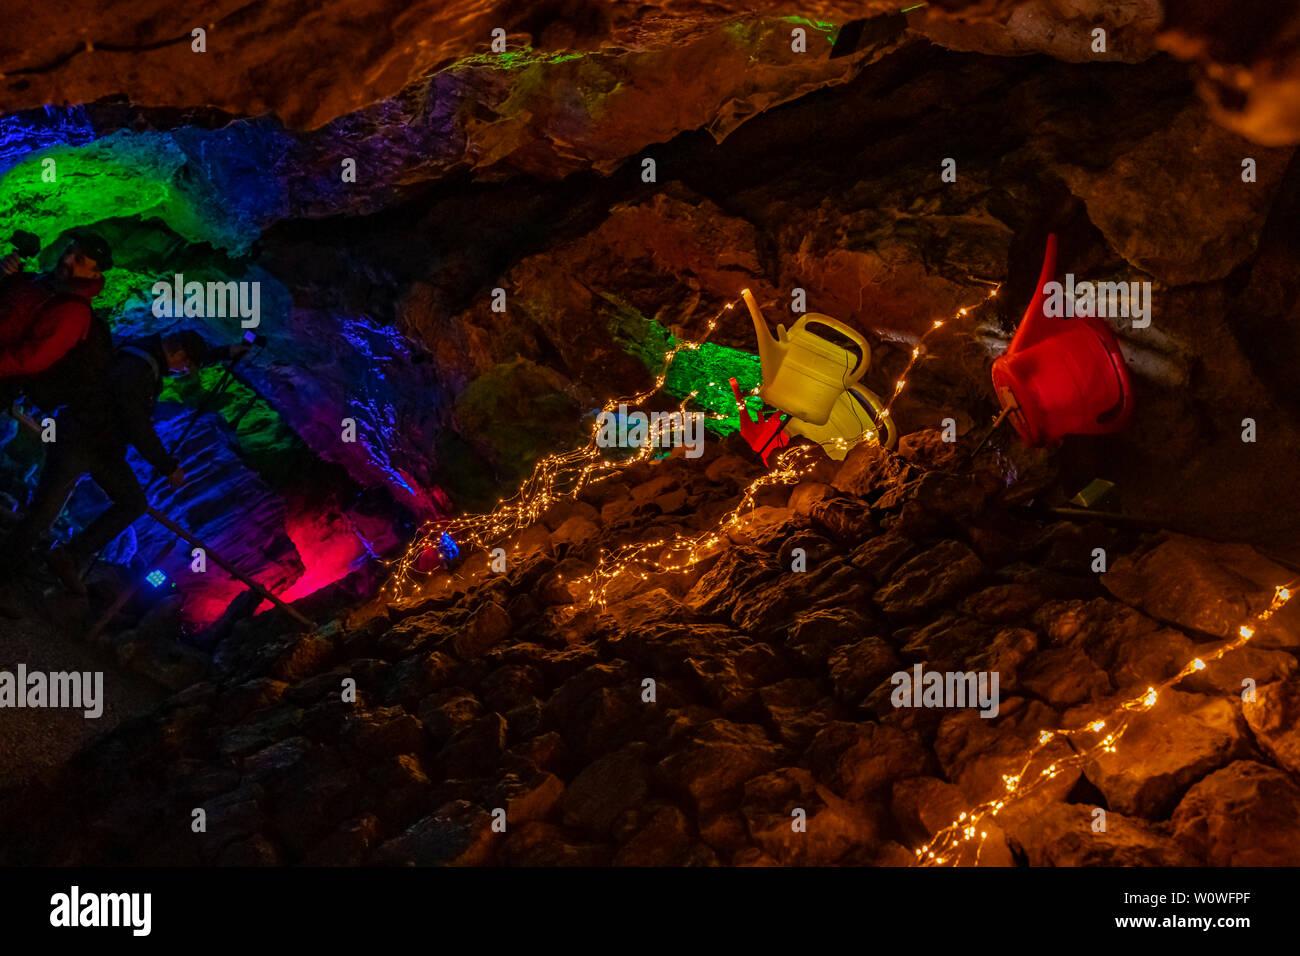 Lichtkannen in Der Dechenhöhle in Iserlohn. - Stock Image